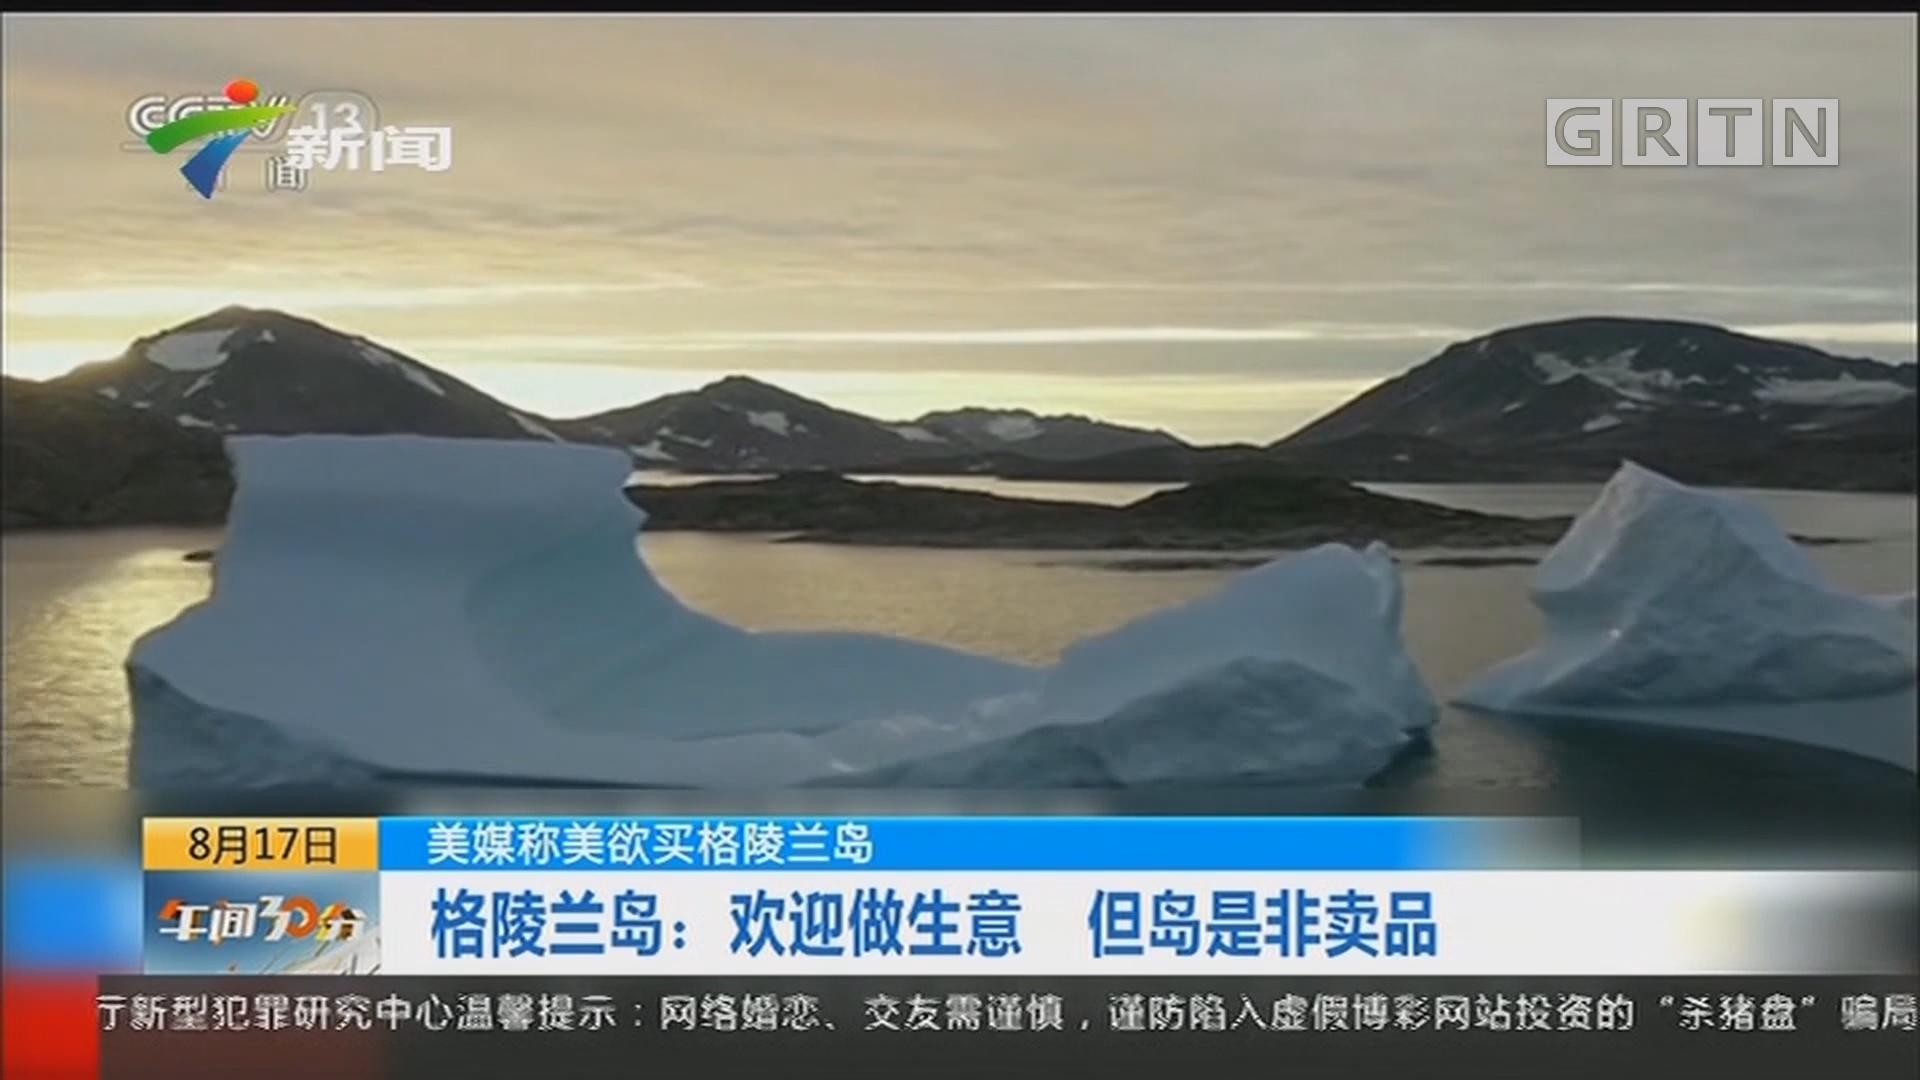 美媒称美欲买格陵兰岛 格陵兰岛:欢迎做生意 但岛是非卖品